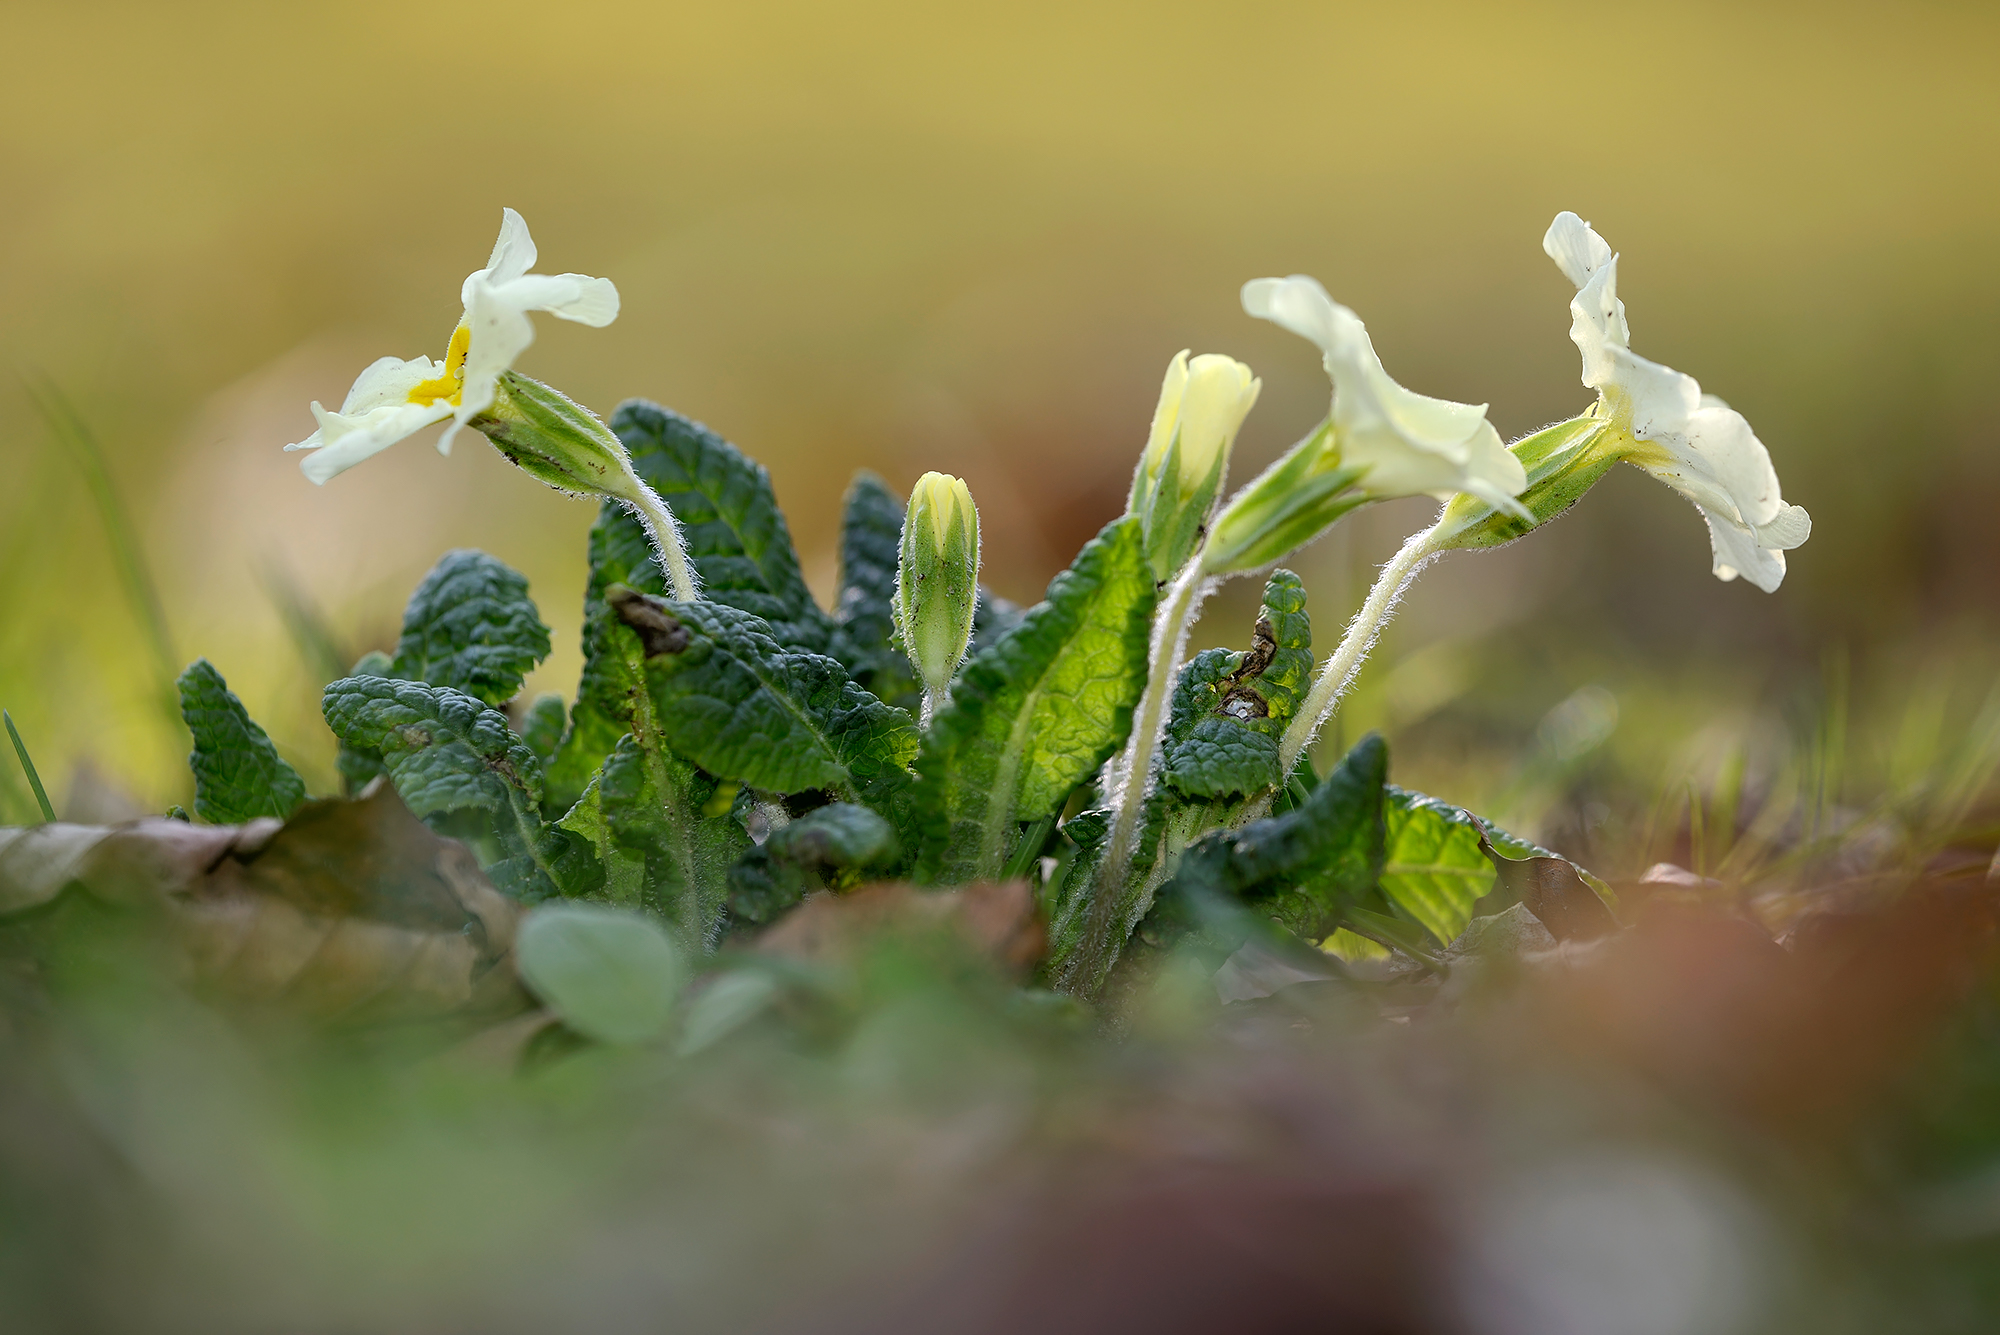 Blad, behaarde stengels en geelwitte bloemen van stengelloze sleutelbloem (Primula vulgaris) in het bos tijdens lente op Landgoed Elswout in Overveen.